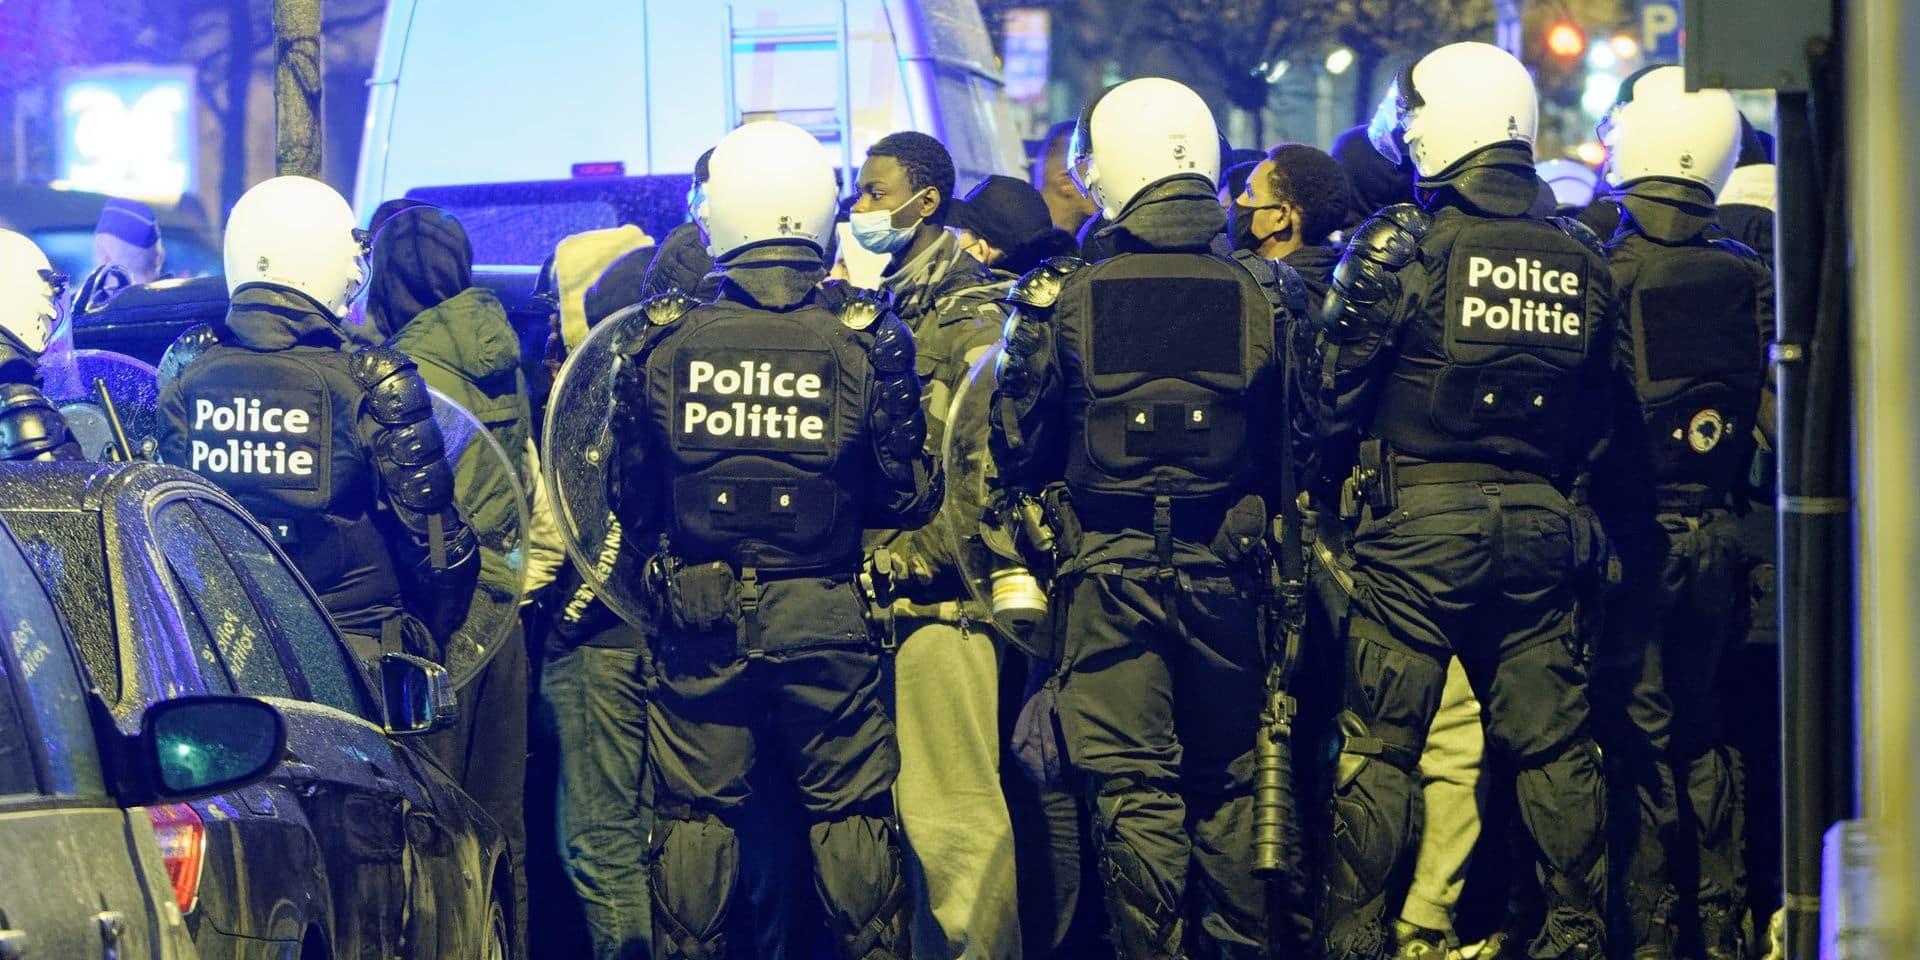 """Des agents ont volé les images de journalistes pour les effacer: """"Filmer l'action policière est un droit"""""""